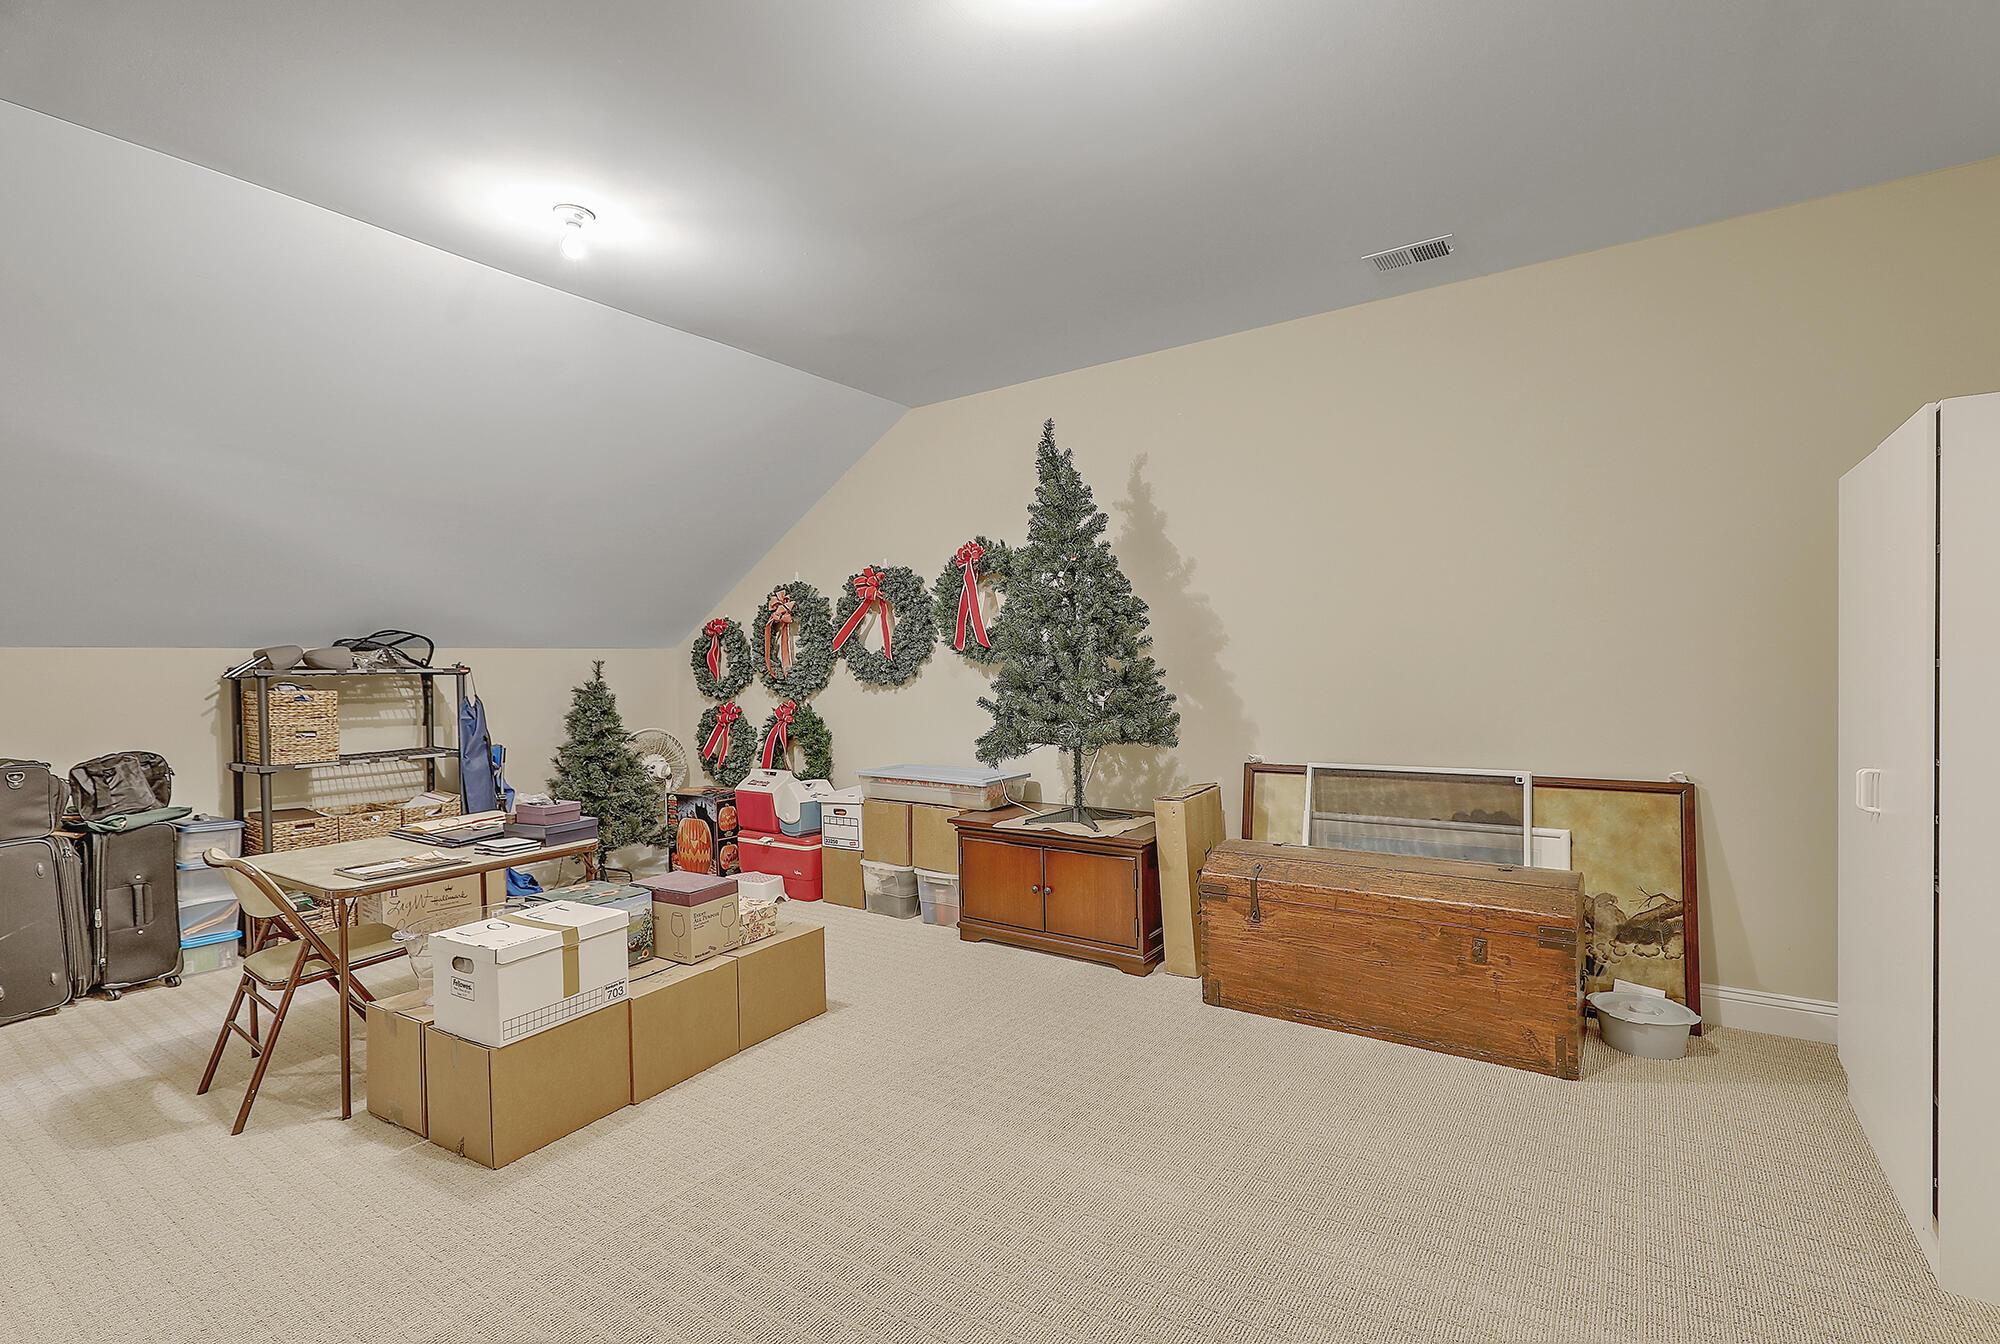 Dunes West Homes For Sale - 3171 Sturbridge, Mount Pleasant, SC - 39